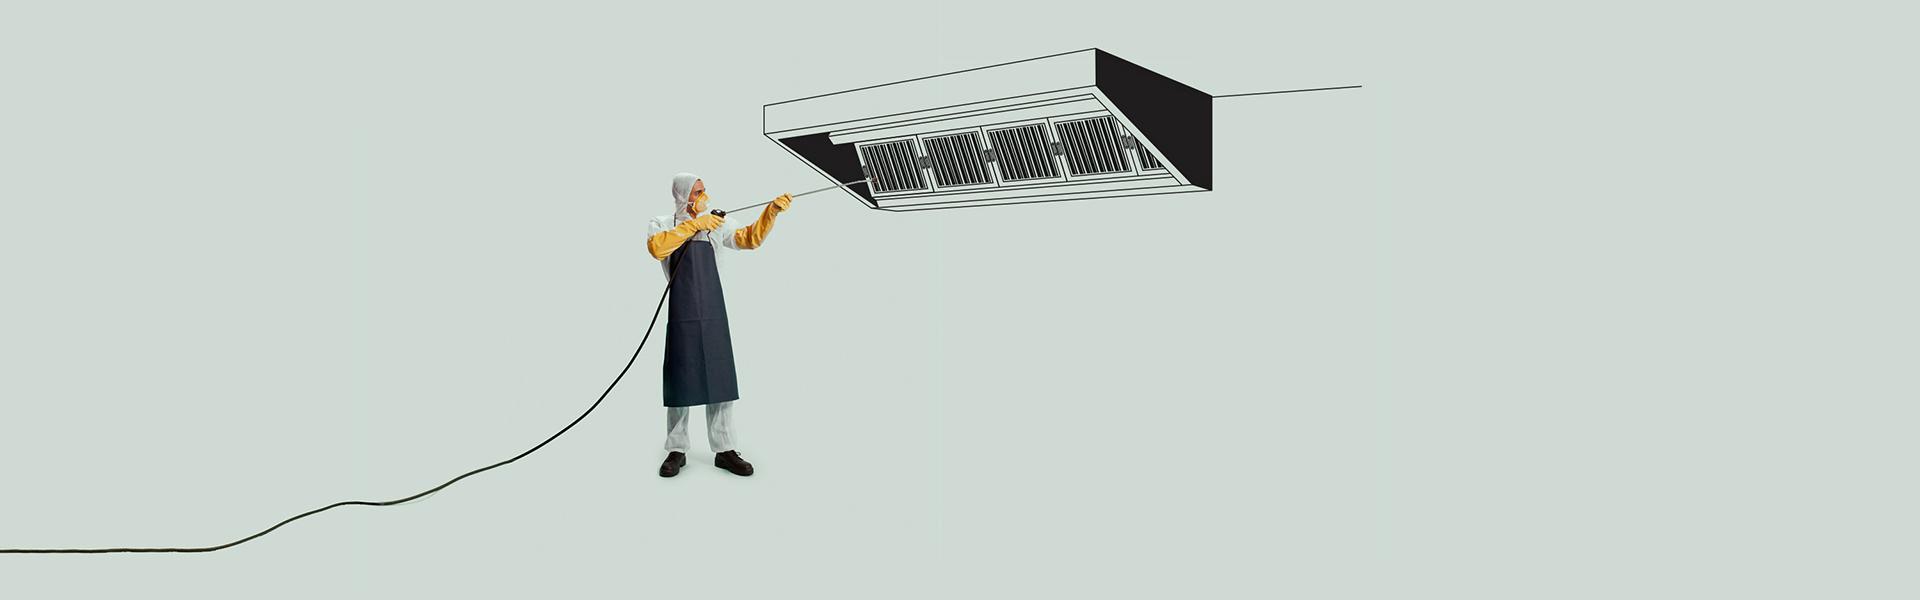 limpieza de campana extractora